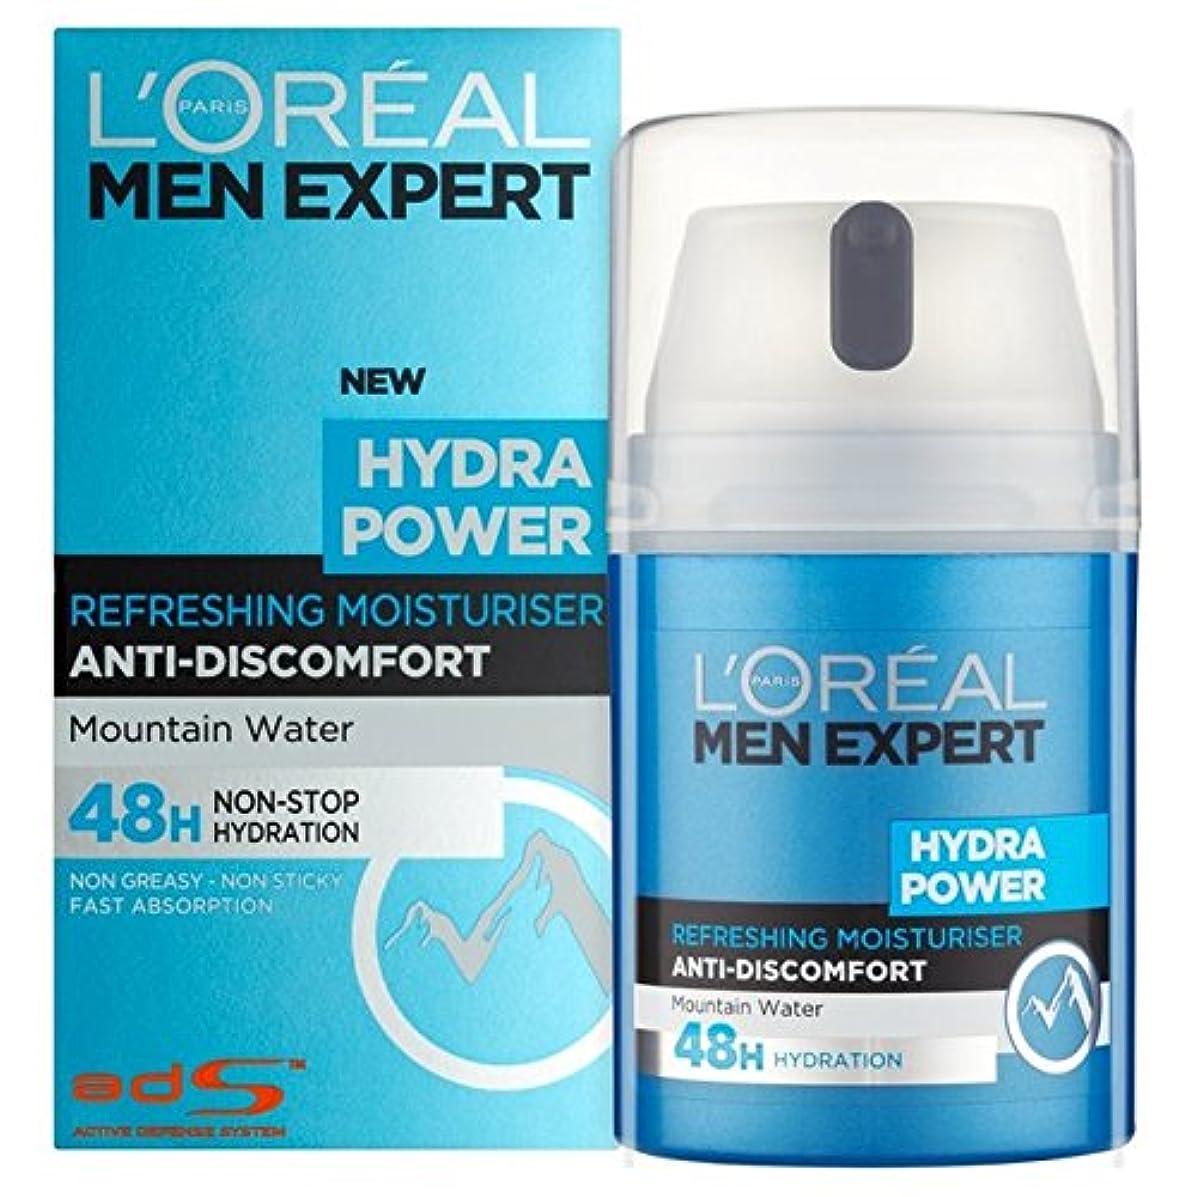 小間給料ひもL'Oreal Paris Men Expert Hydra Power Refreshing Moisturiser 50ml (Pack of 6) - ロレアルパリのメンズ専門ヒドラ電源爽やか保湿50ミリリットル...